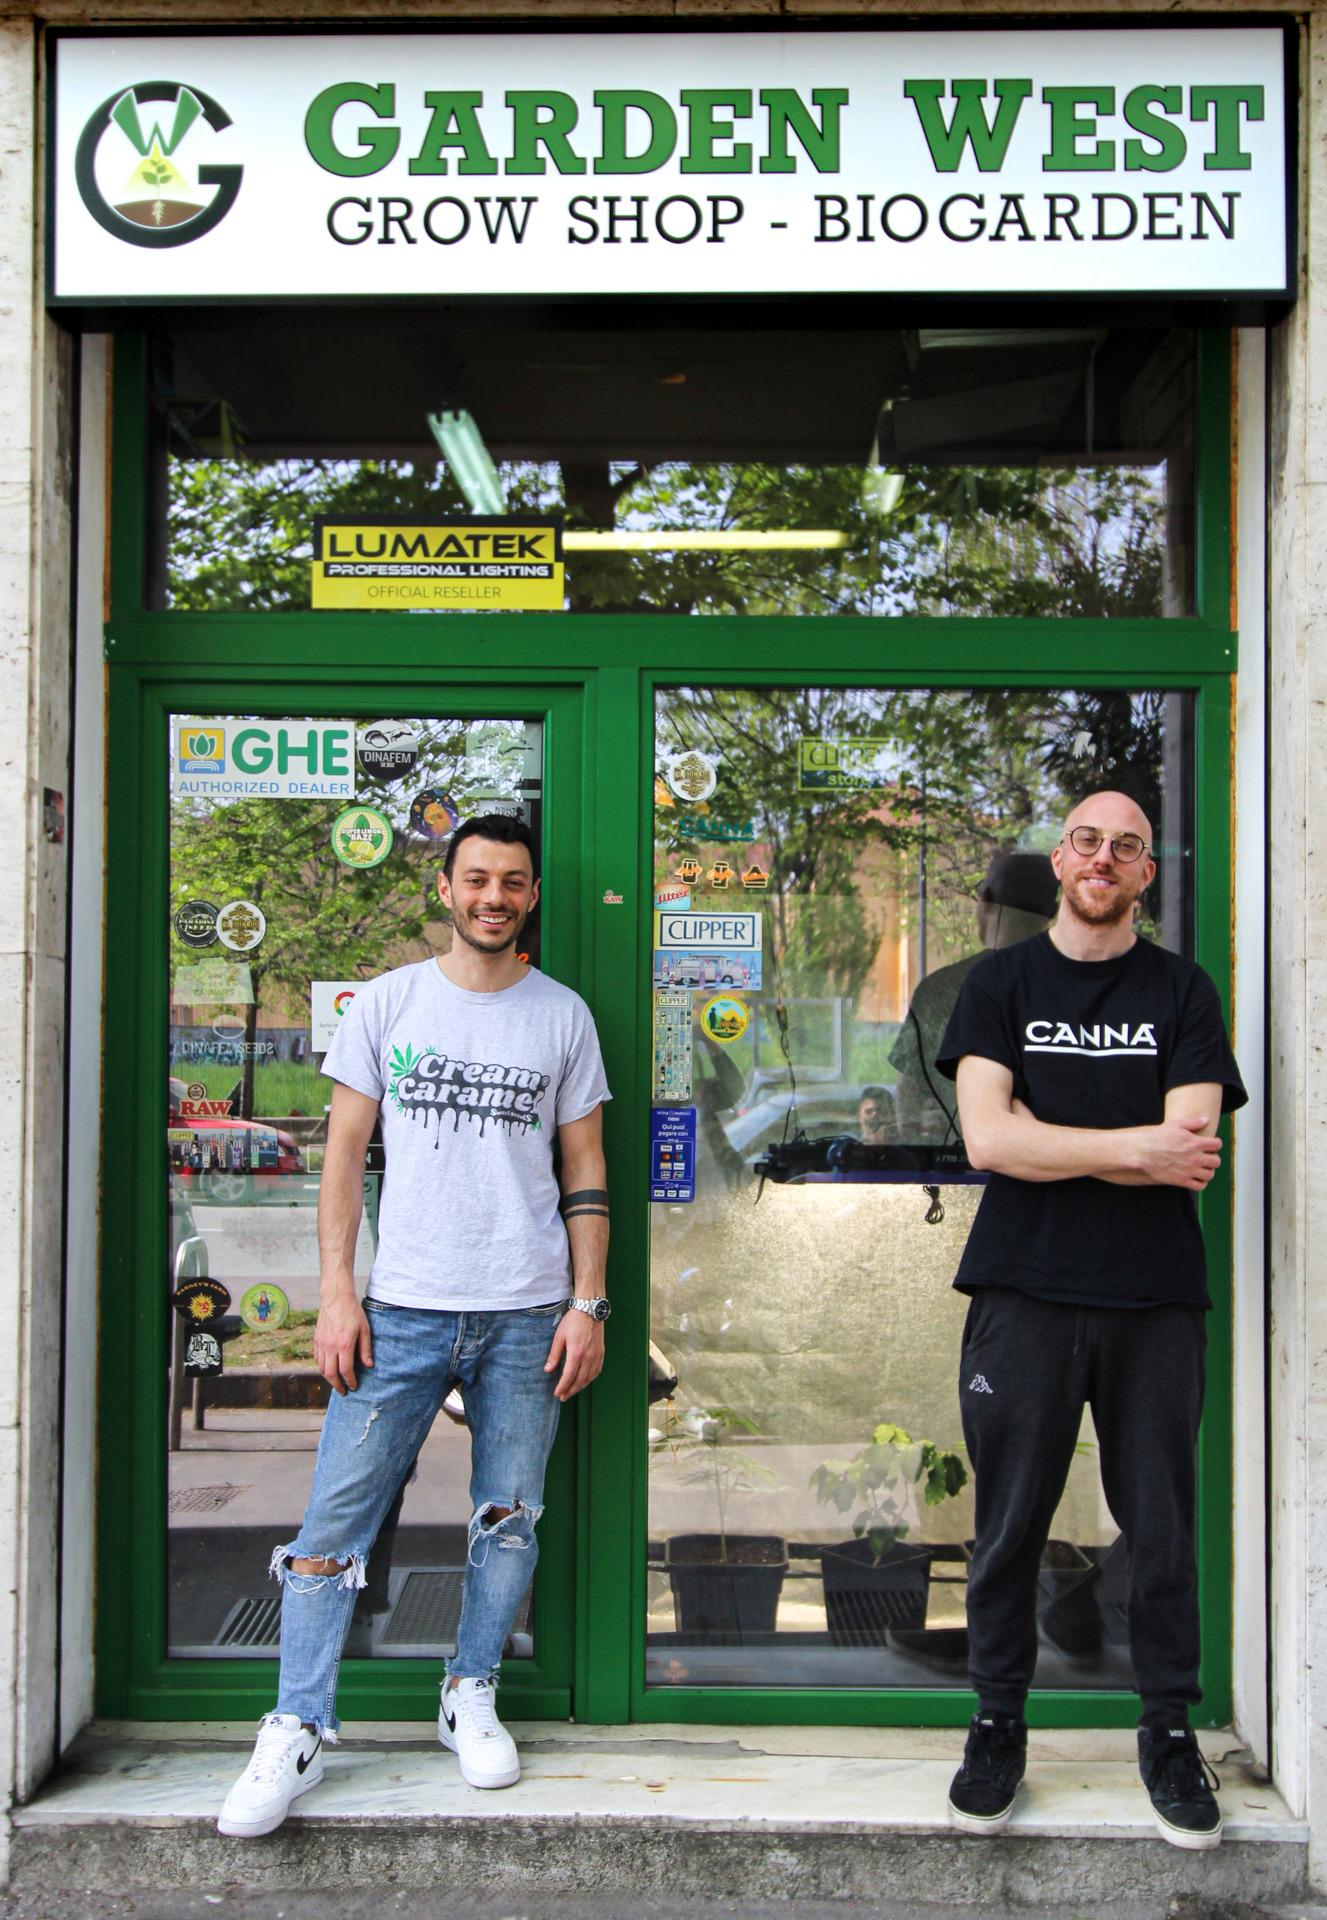 Garden West grow shop Milano Ovest